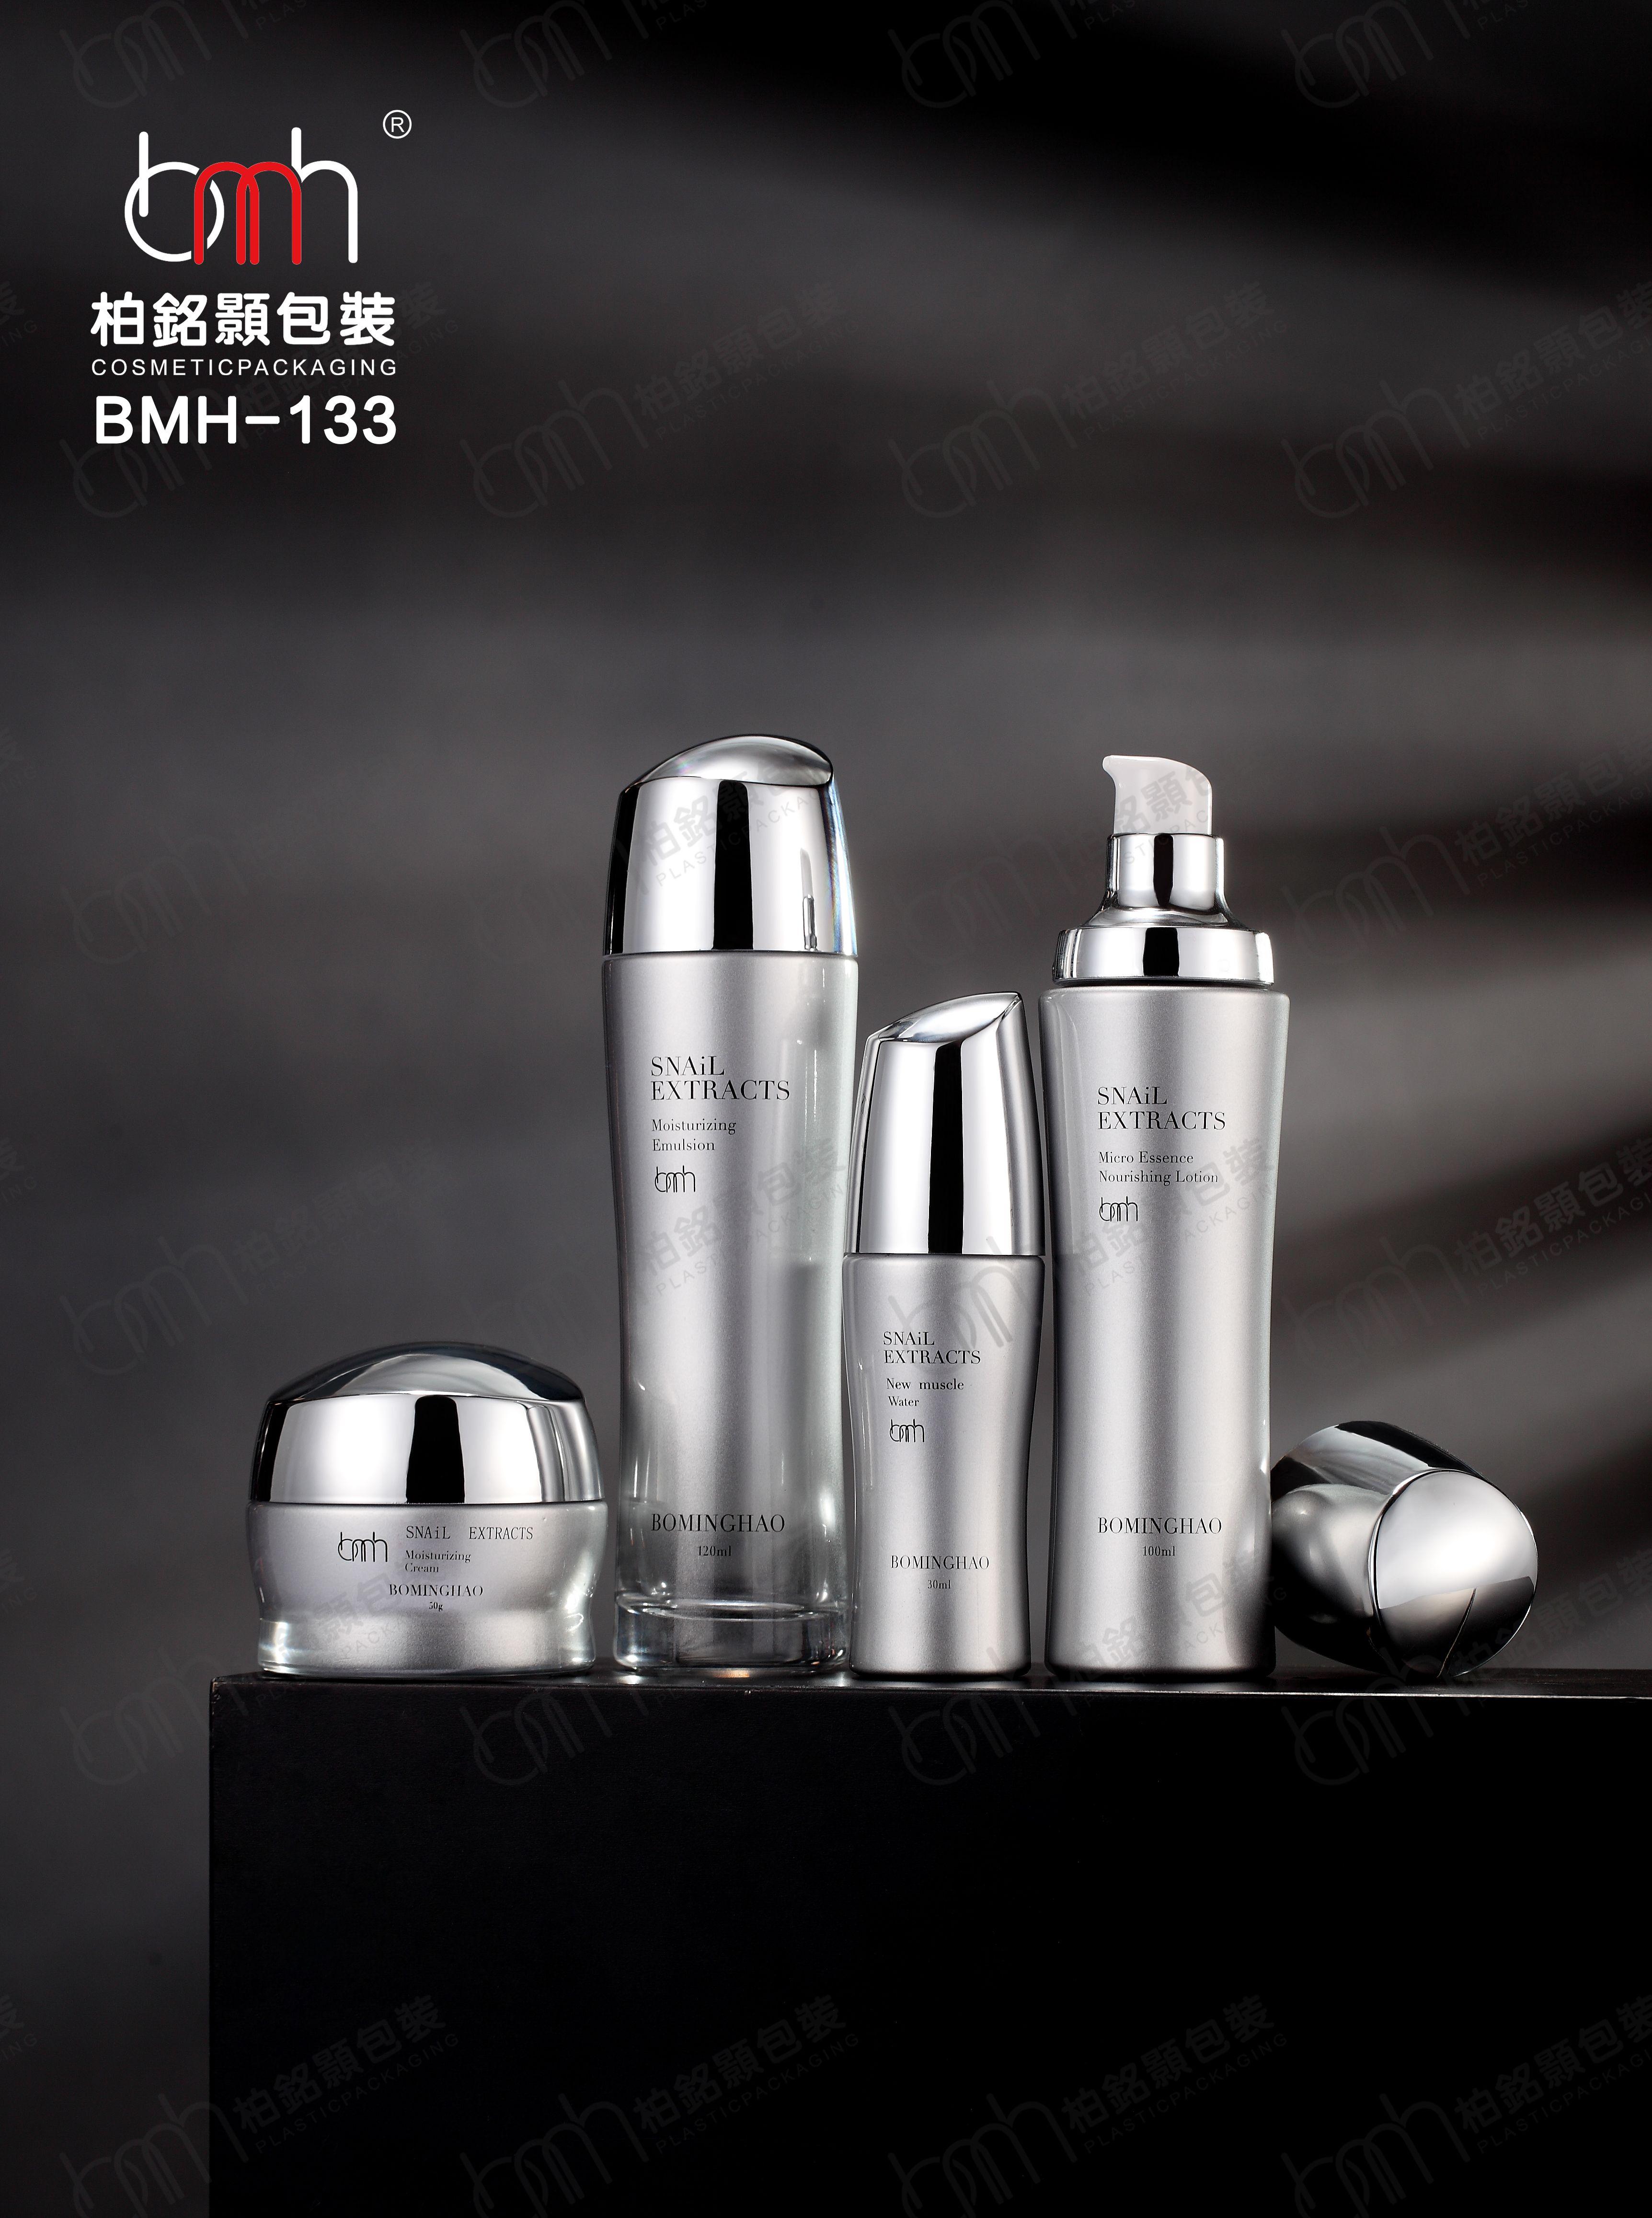 BMH-133